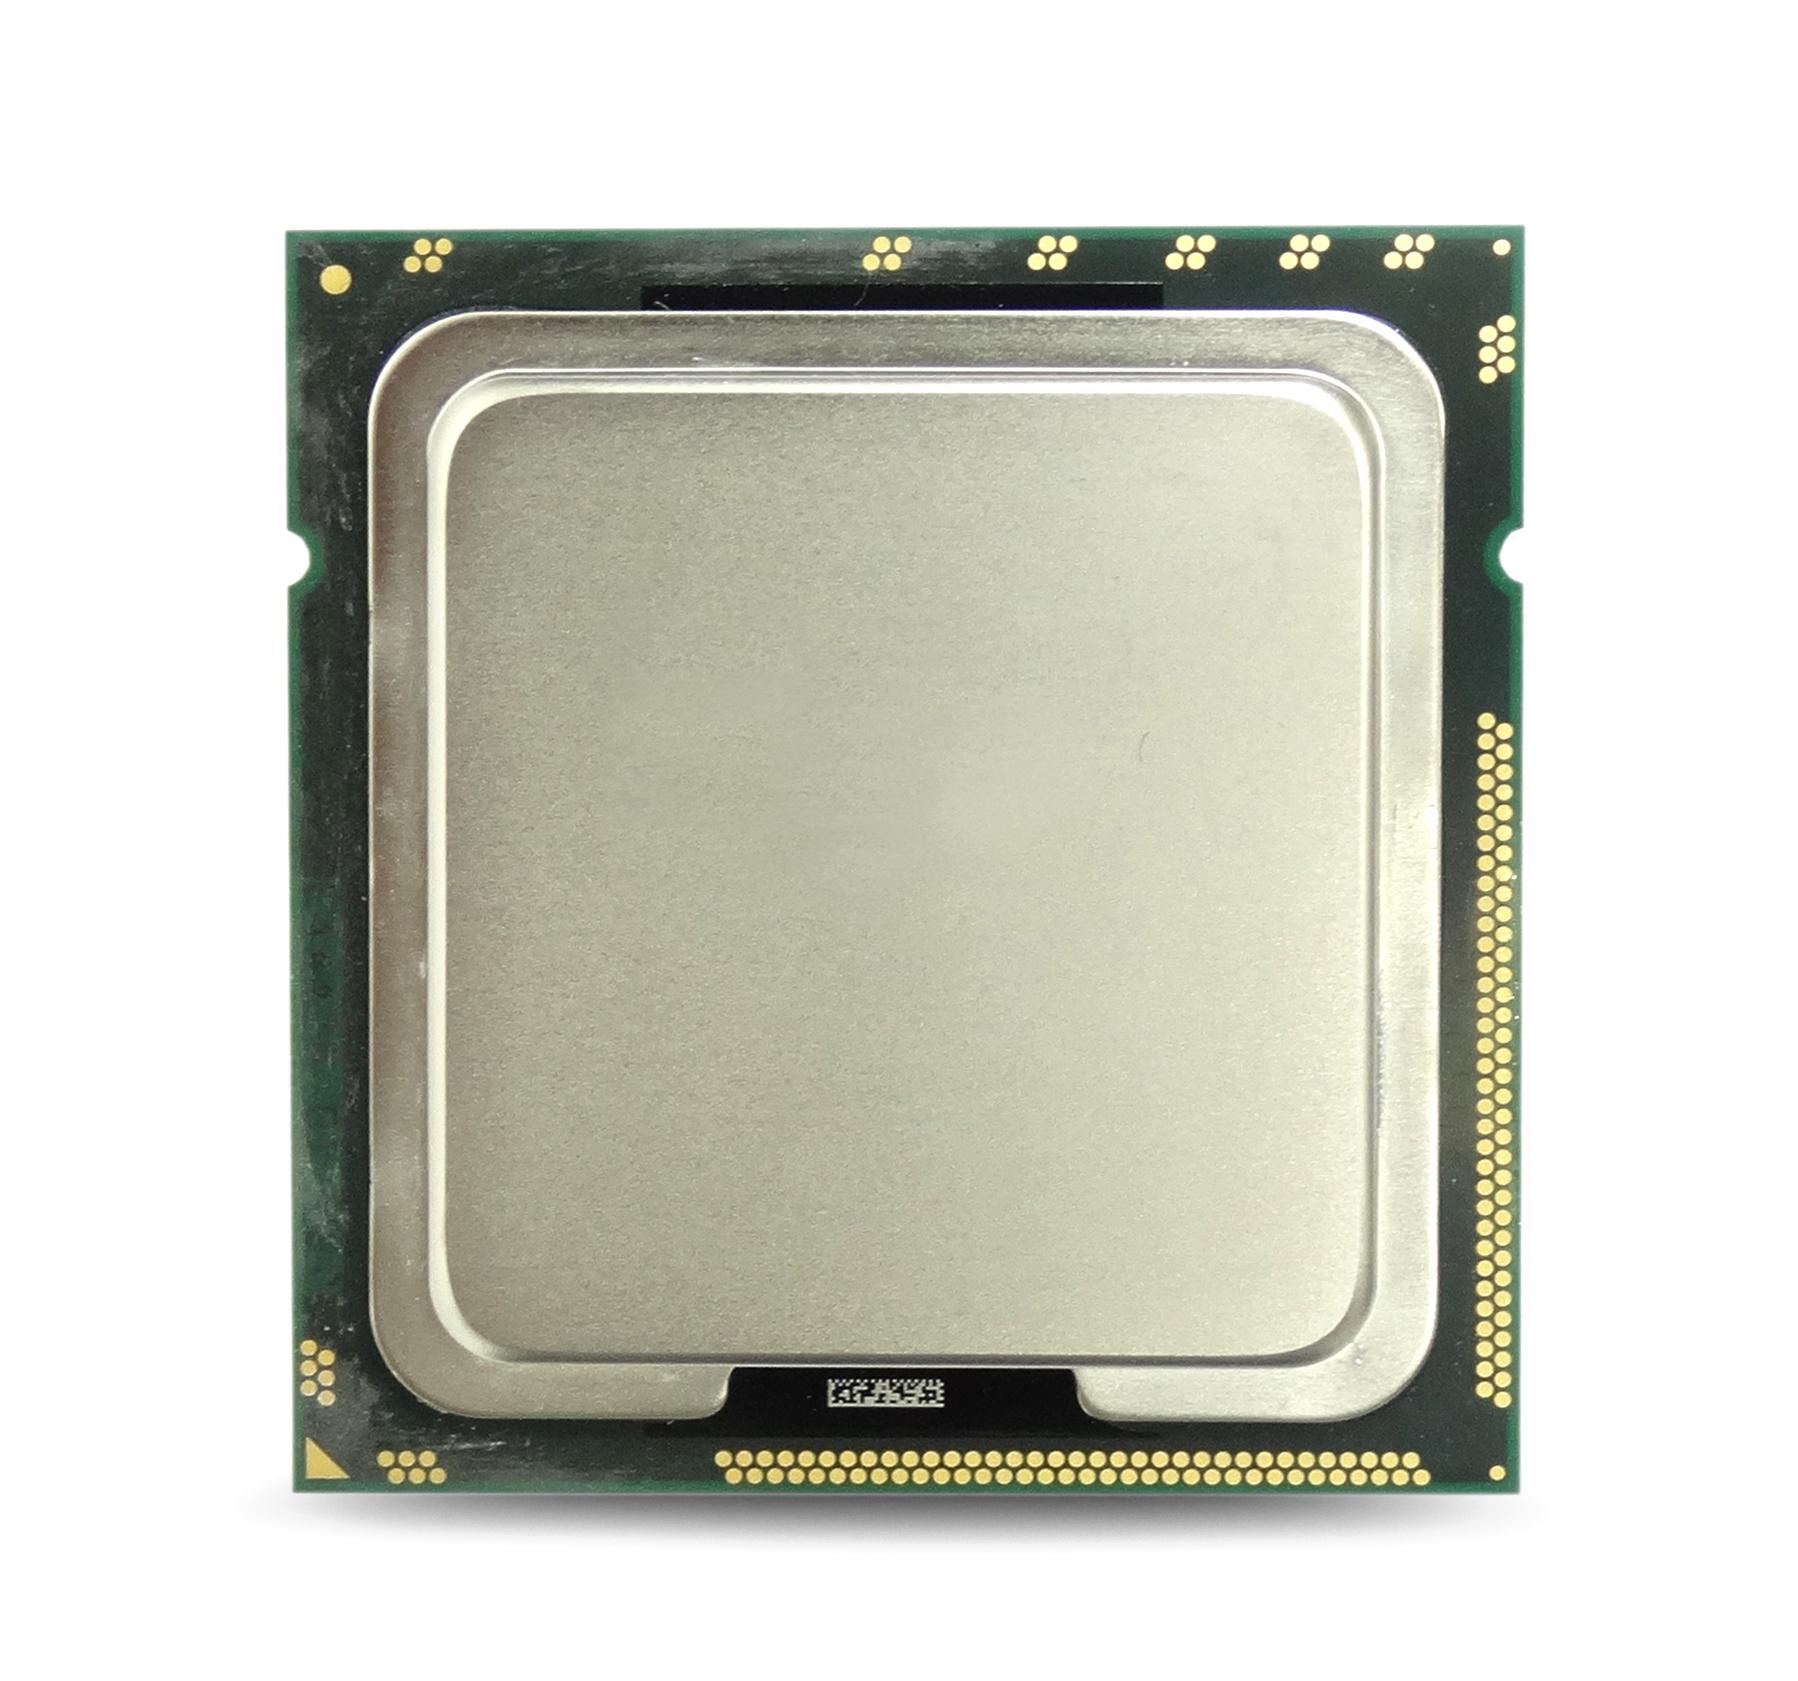 Intel Core I3-2330M 2.2GHz 3MB Socket G2 35W Processor (SR04J)